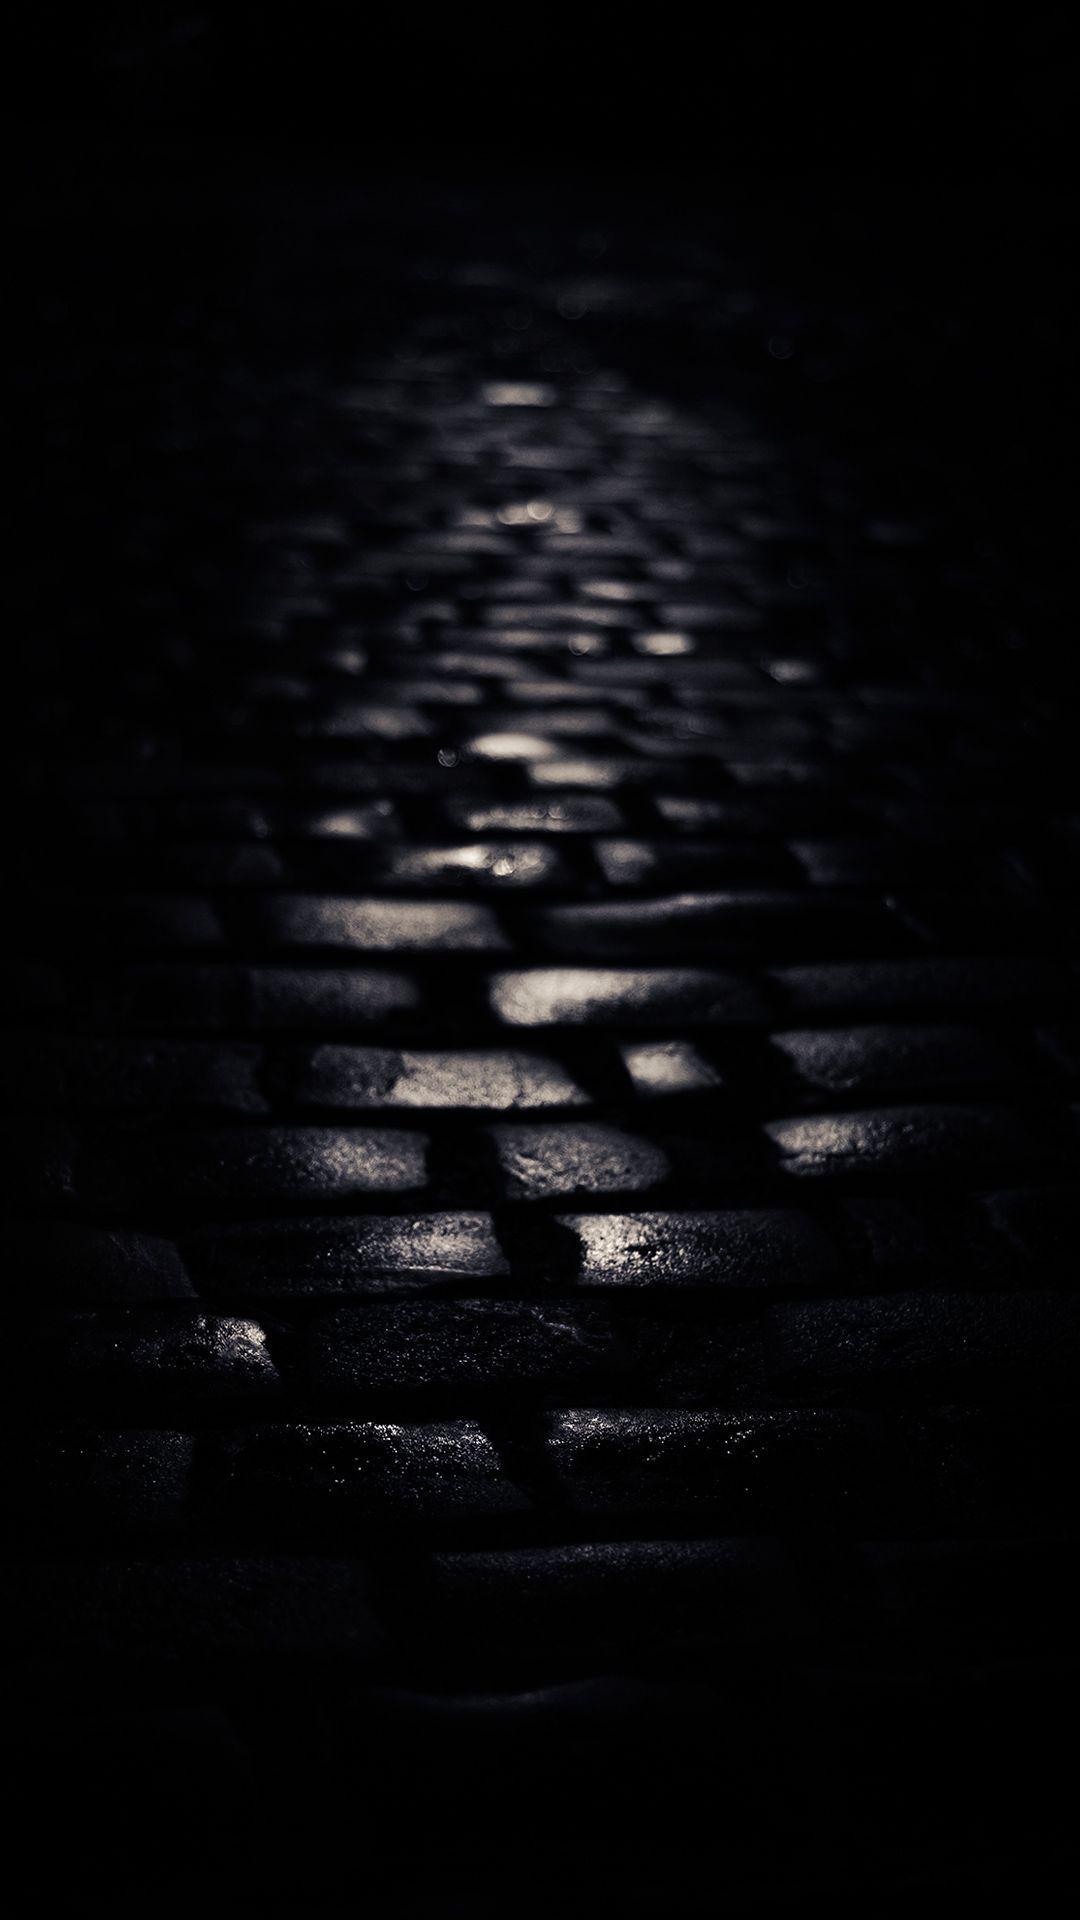 600 Wallpaper Black Amoled Hd  Paling Keren